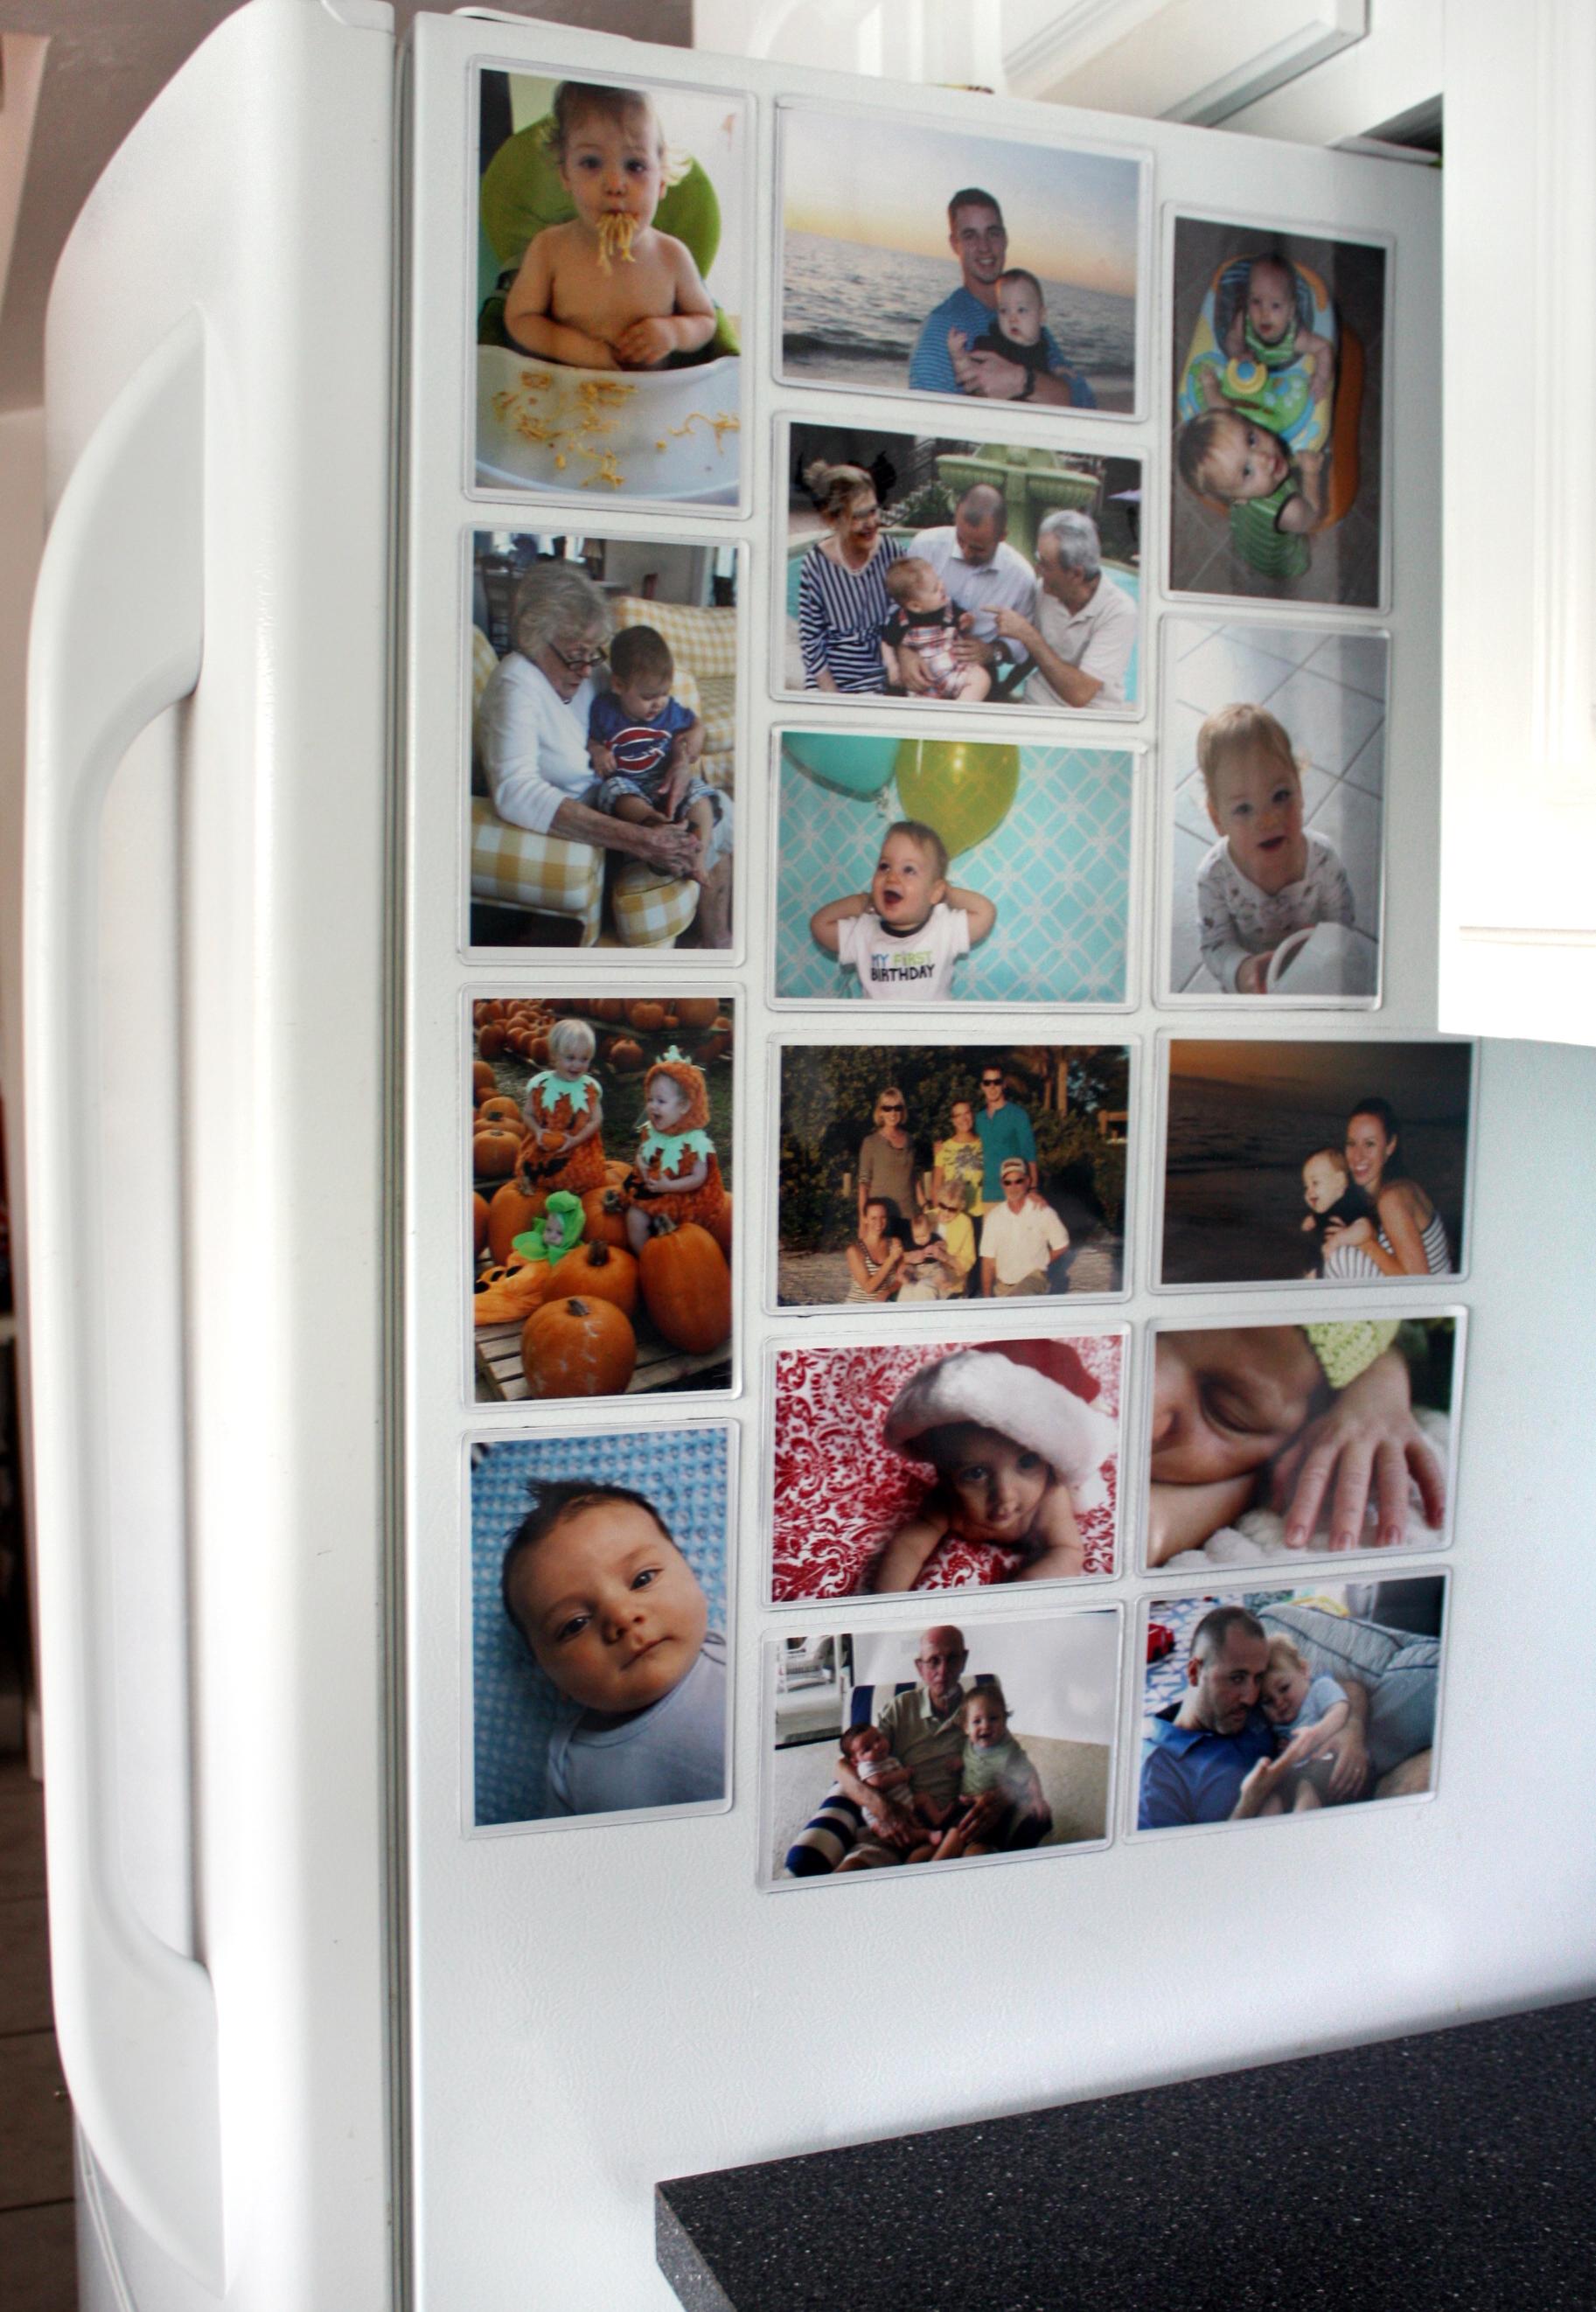 fridge_frame_magnets